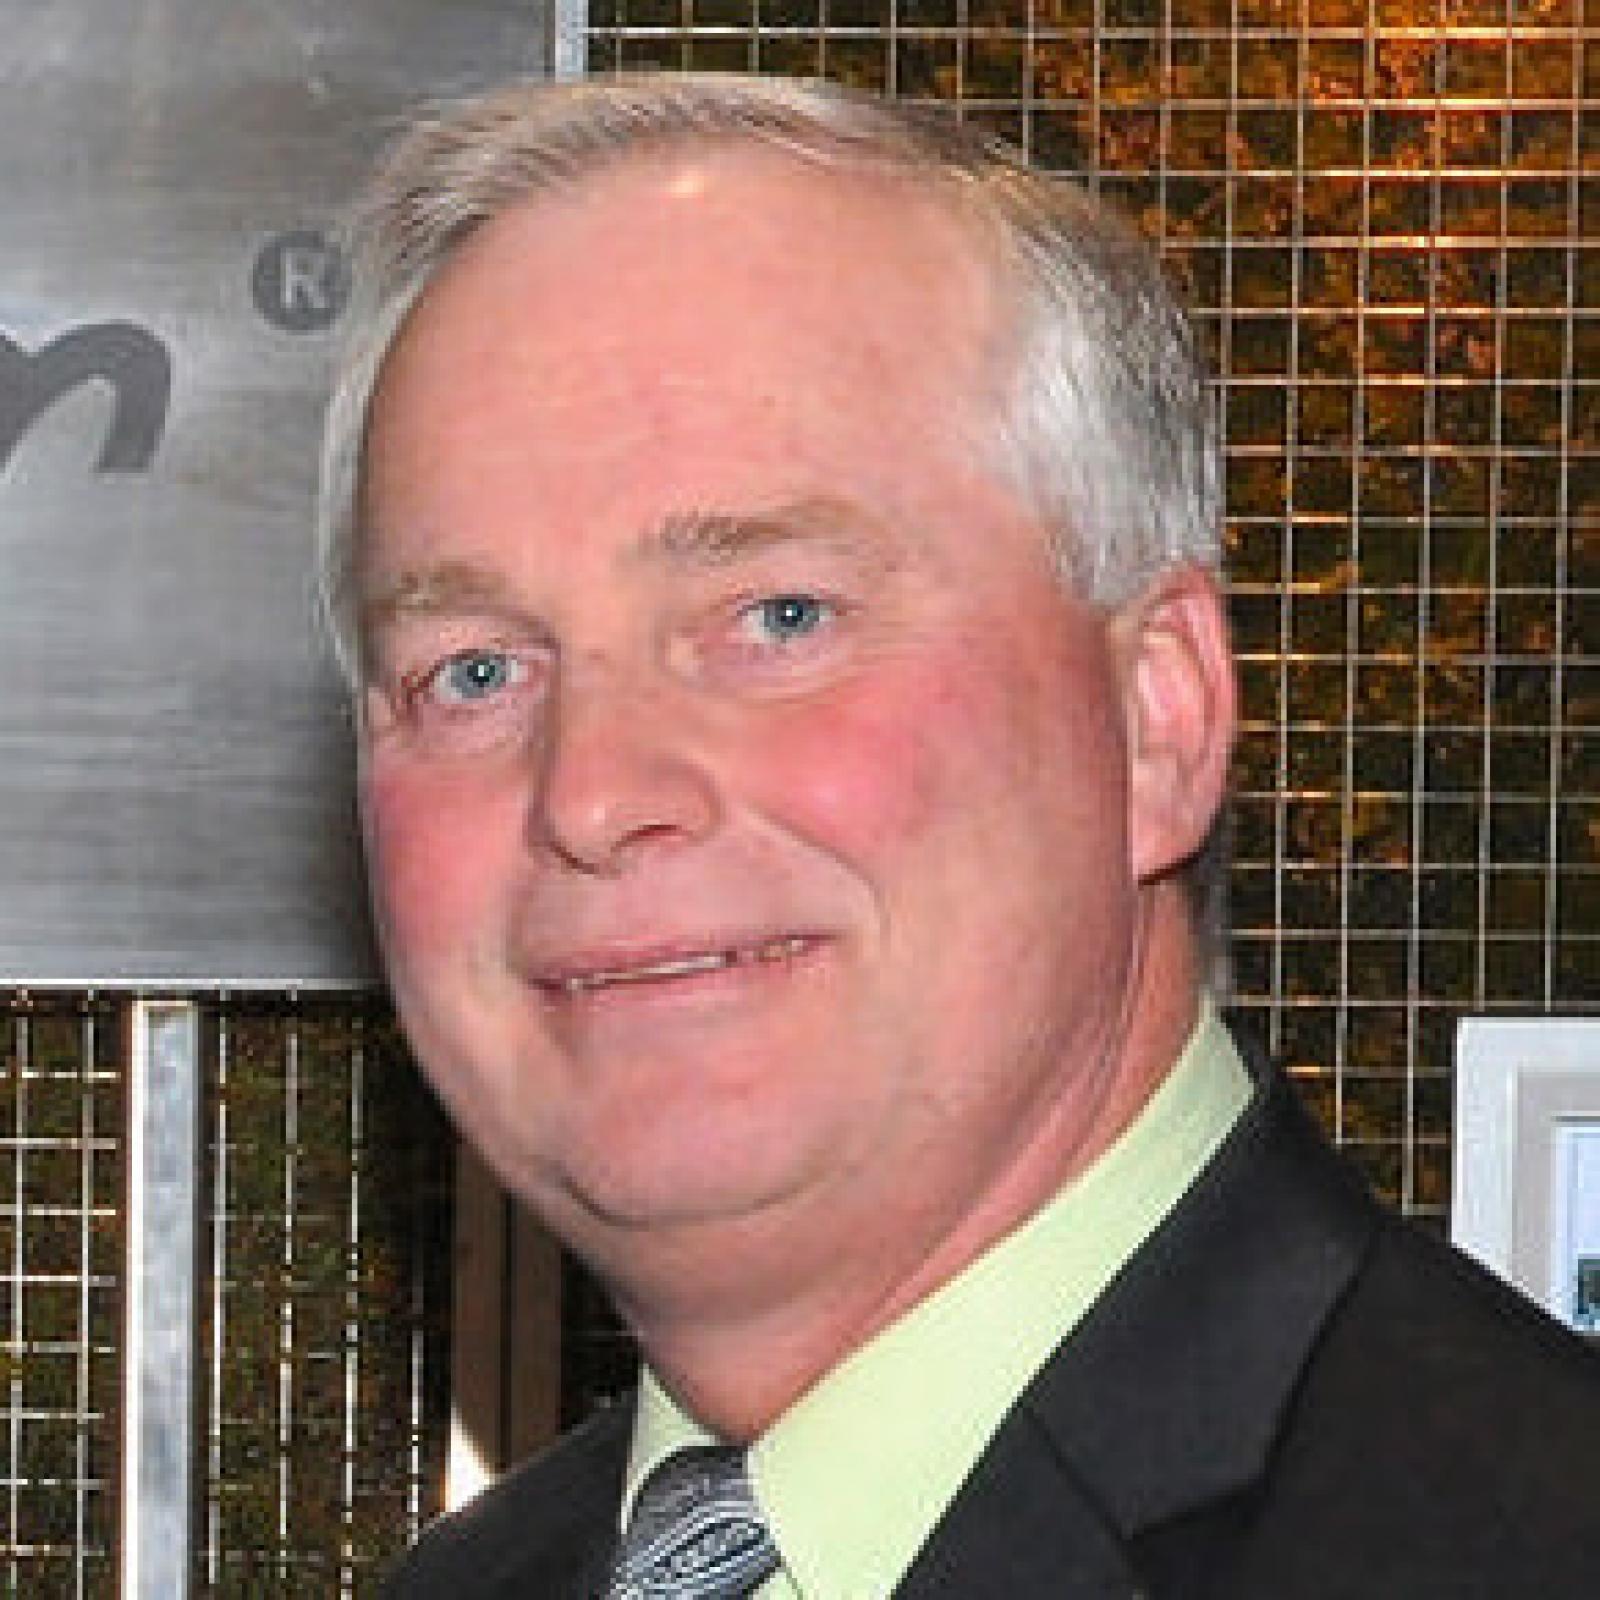 Brian Lofgen